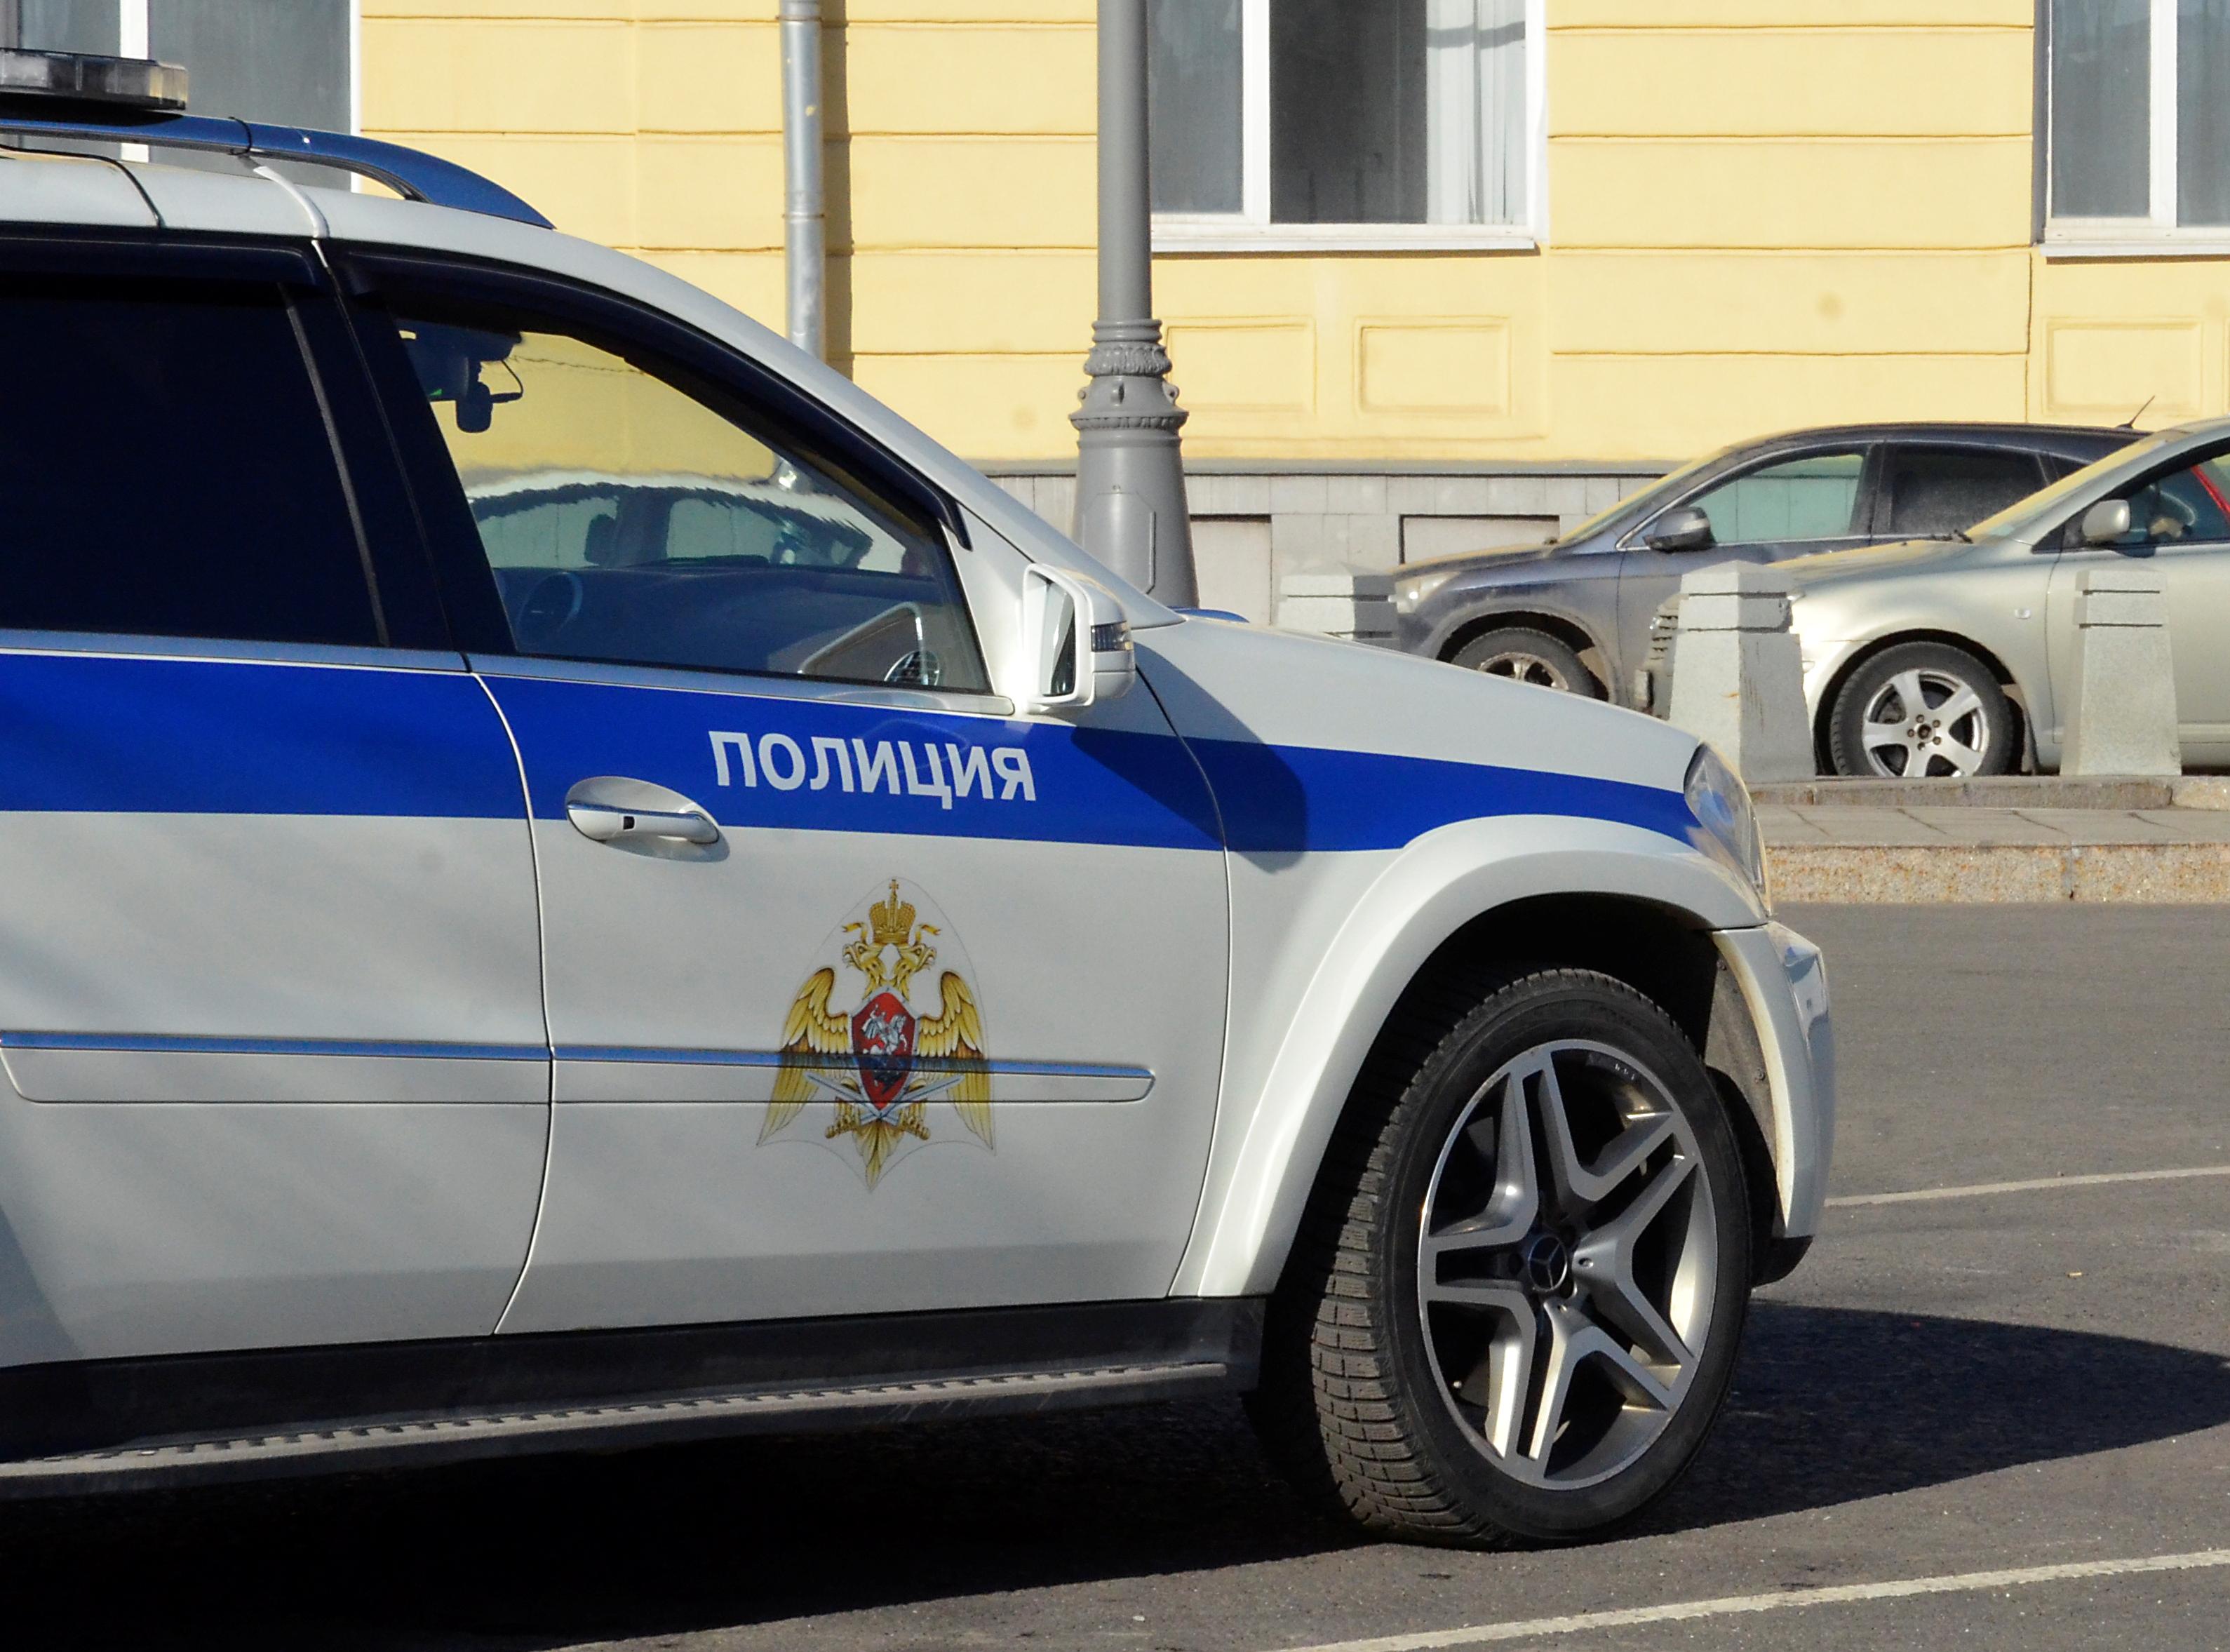 Сотрудники полиции ЮАО столицы задержали подозреваемого в краже